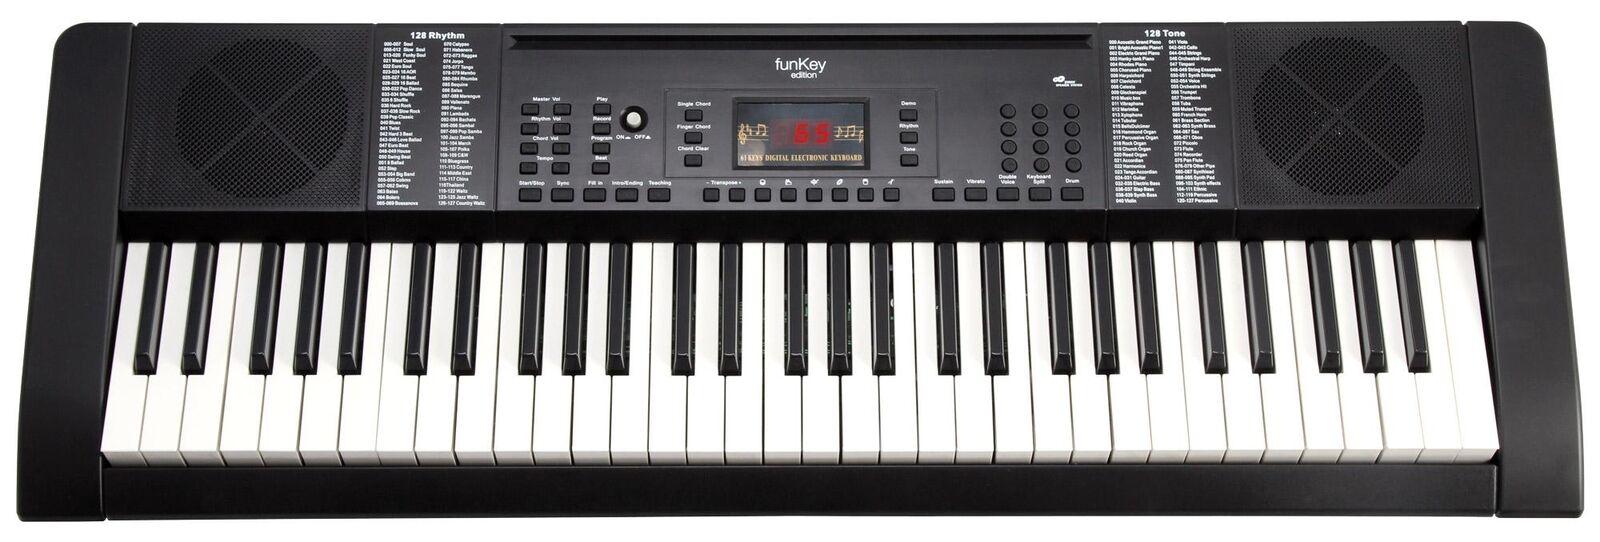 Zeitloses Keyboard mit klasse Design und toller Einsteiger Lernfunktion schwarz  | Primäre Qualität